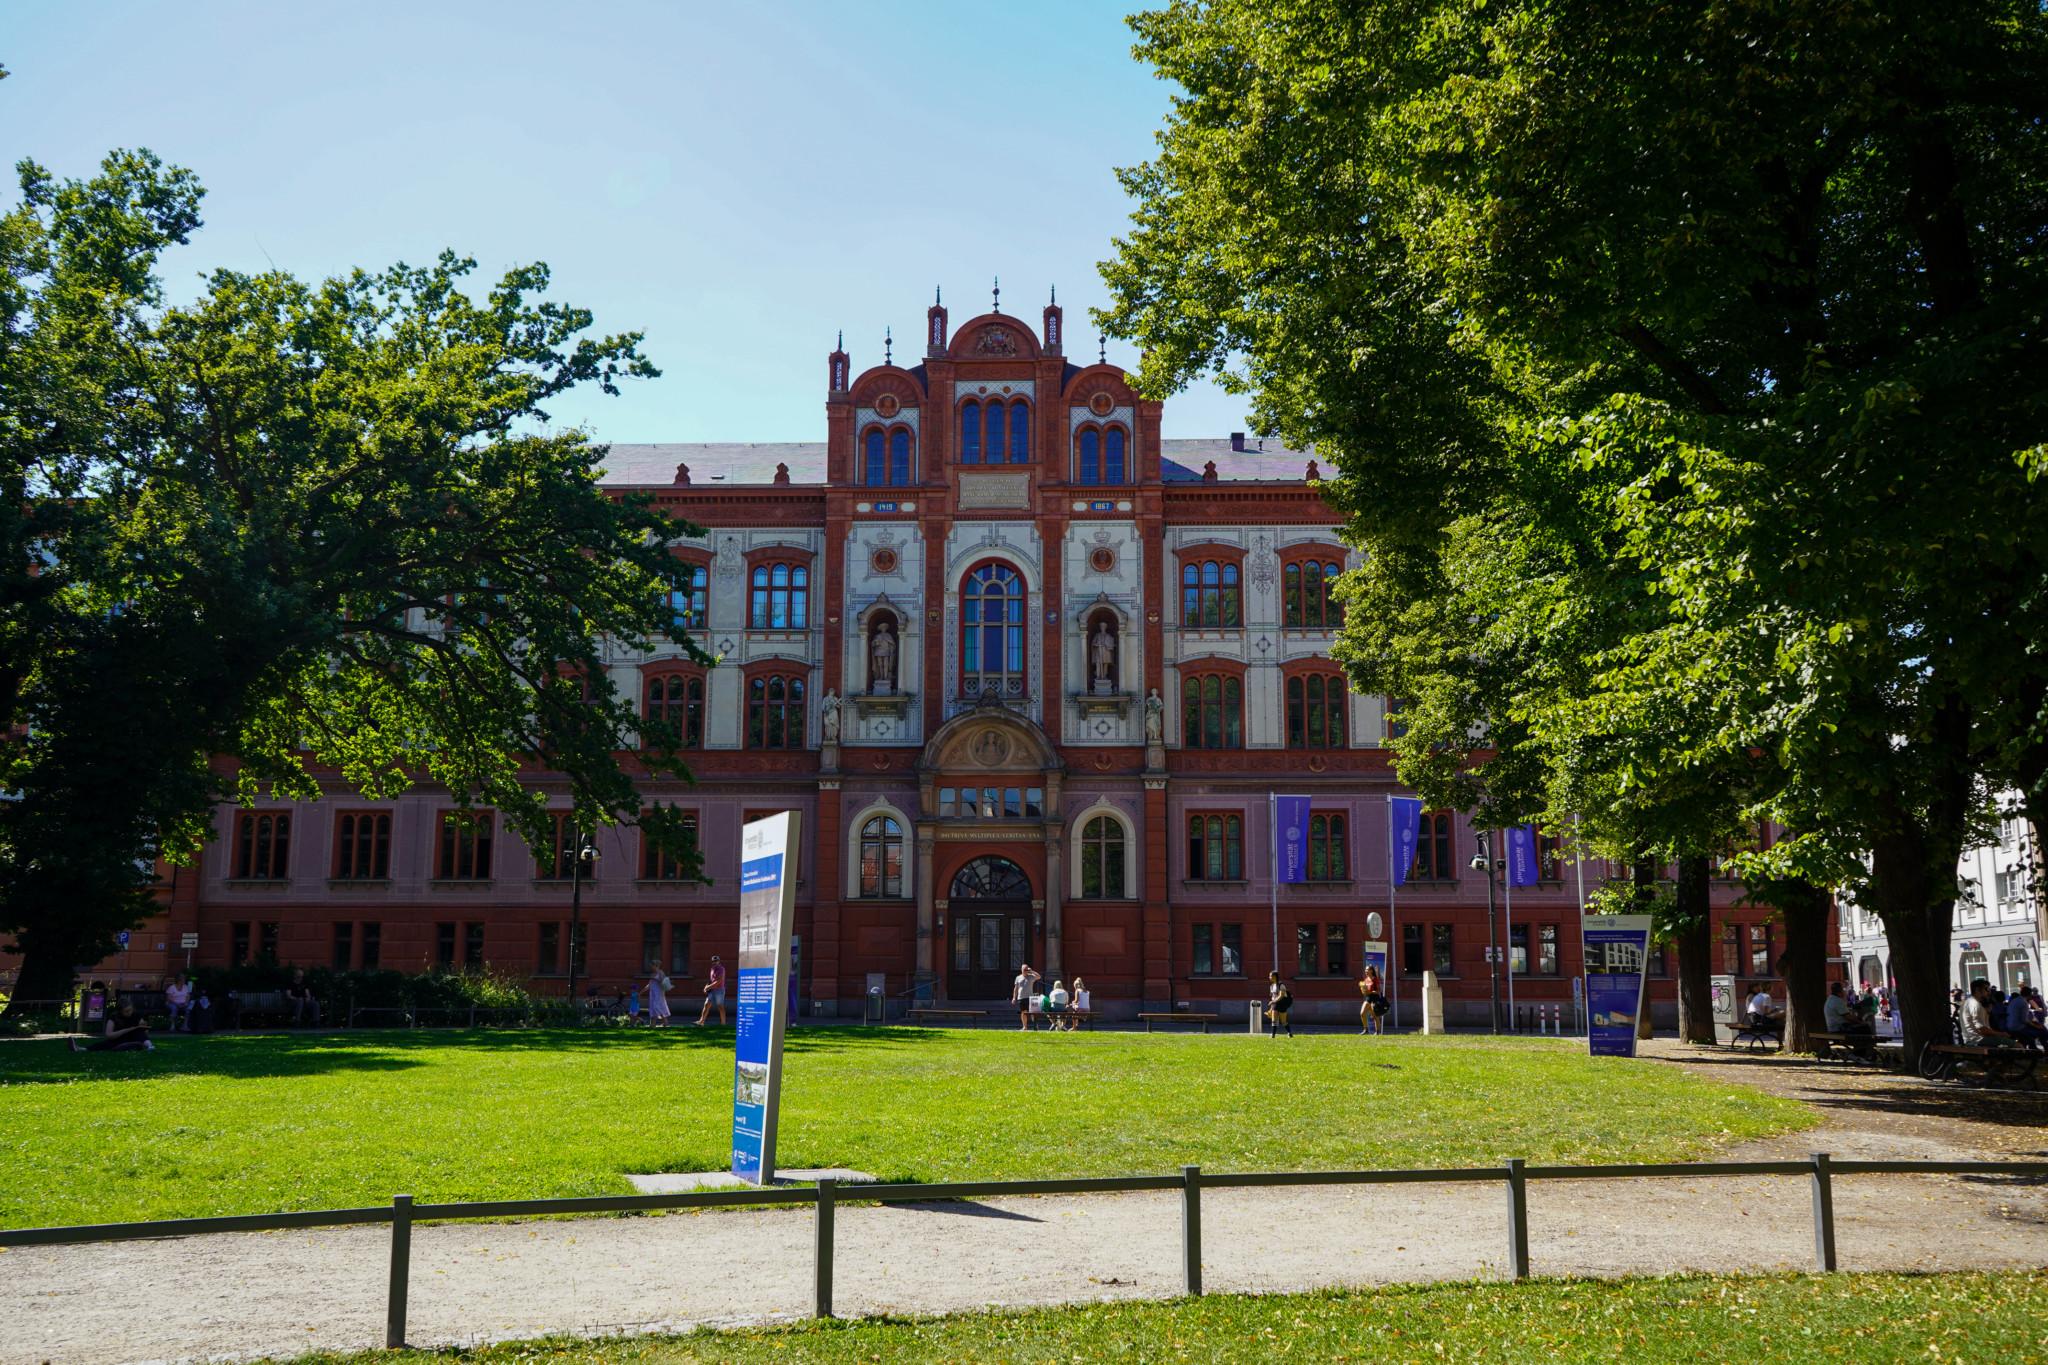 Universitätsplatz in Rostock